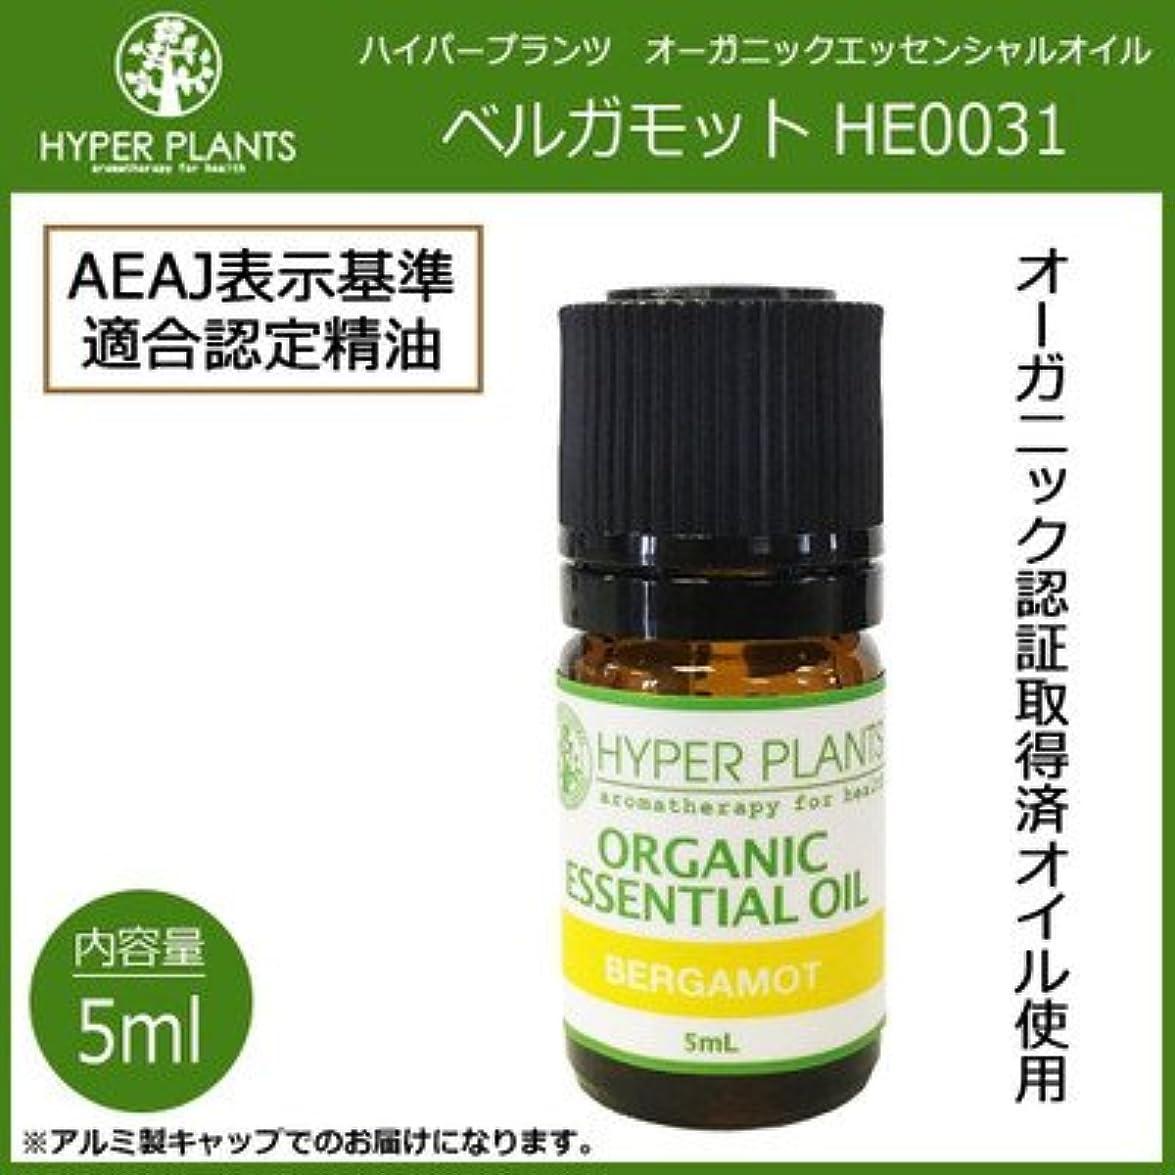 抵抗寛大なバランス毎日の生活にアロマの香りを HYPER PLANTS ハイパープランツ オーガニックエッセンシャルオイル ベルガモット 5ml HE0031